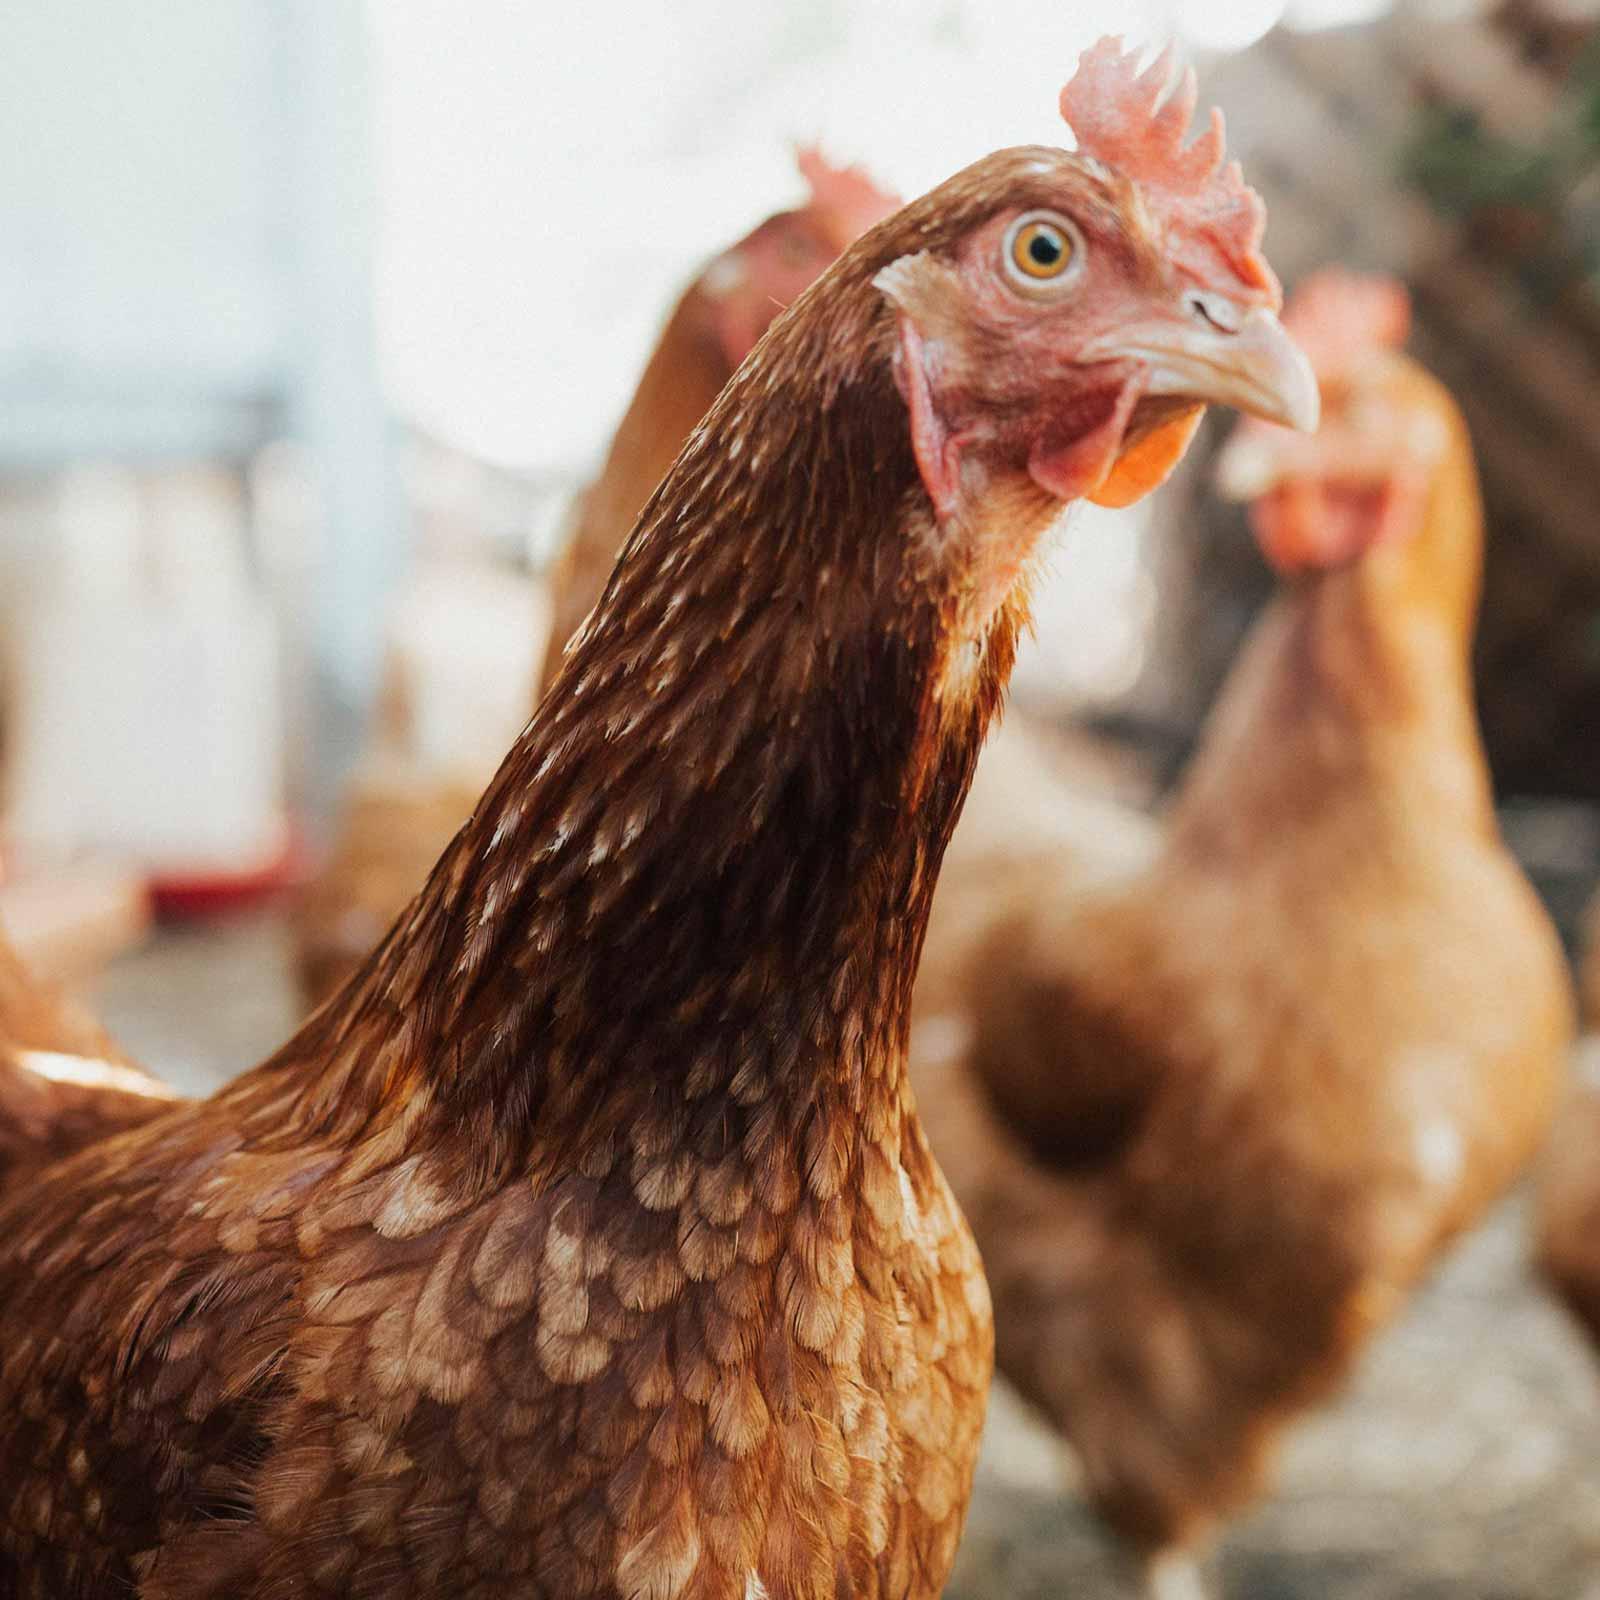 chickens-piccolo-park-01